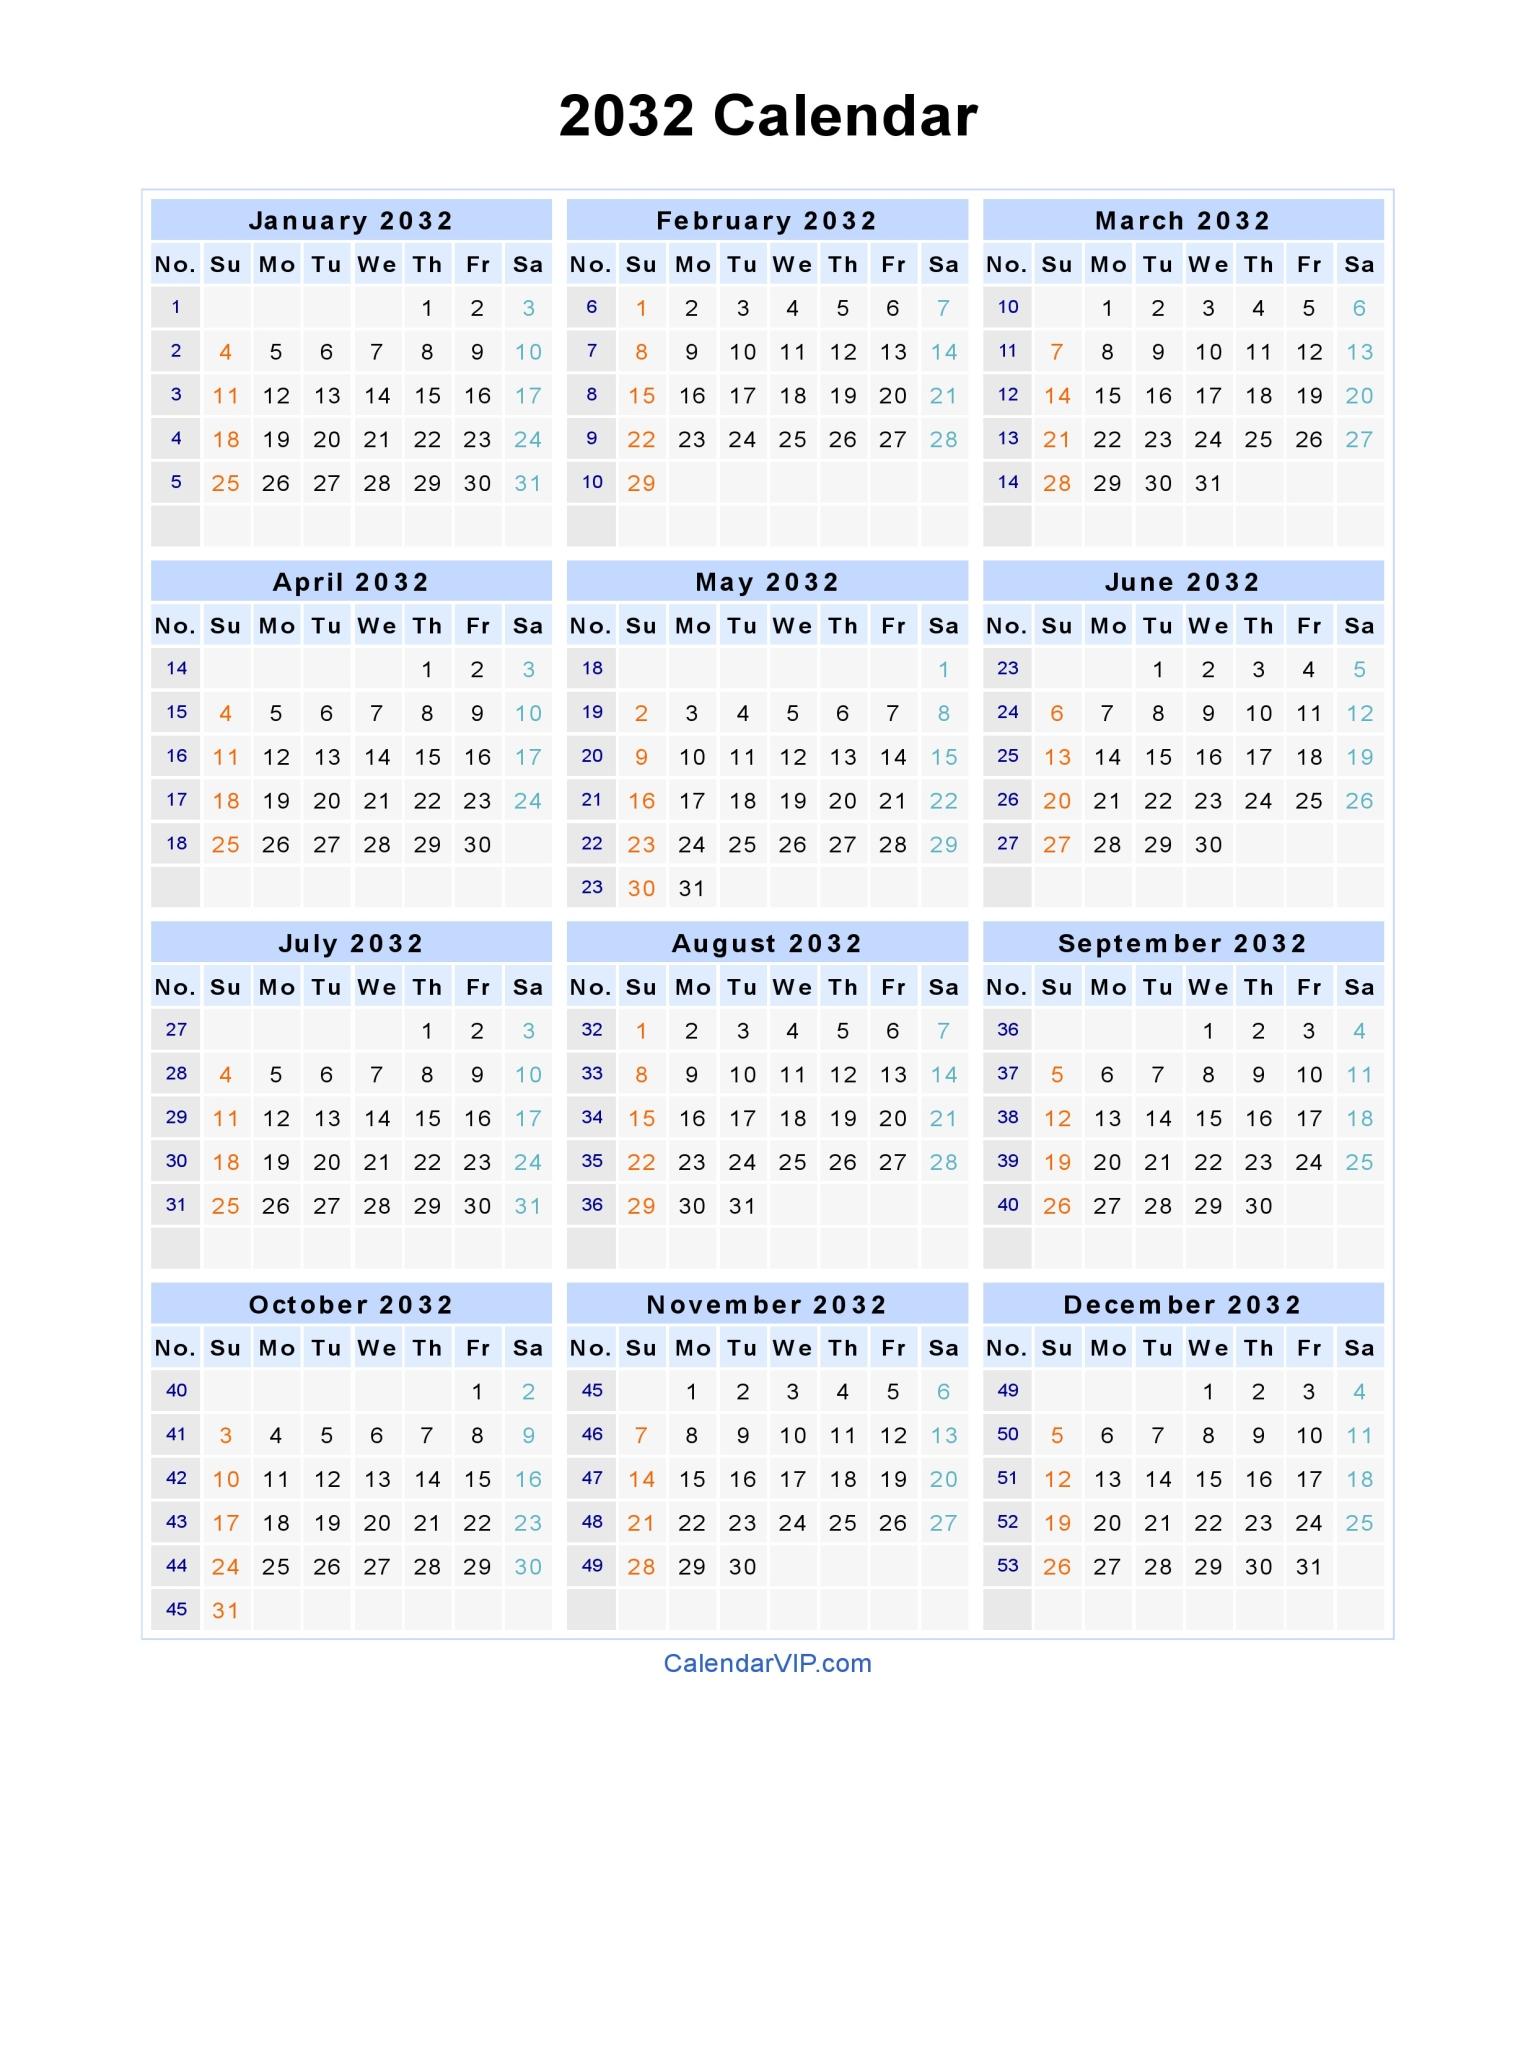 2032 Calendar - Blank Printable Calendar Template in PDF Word Excel